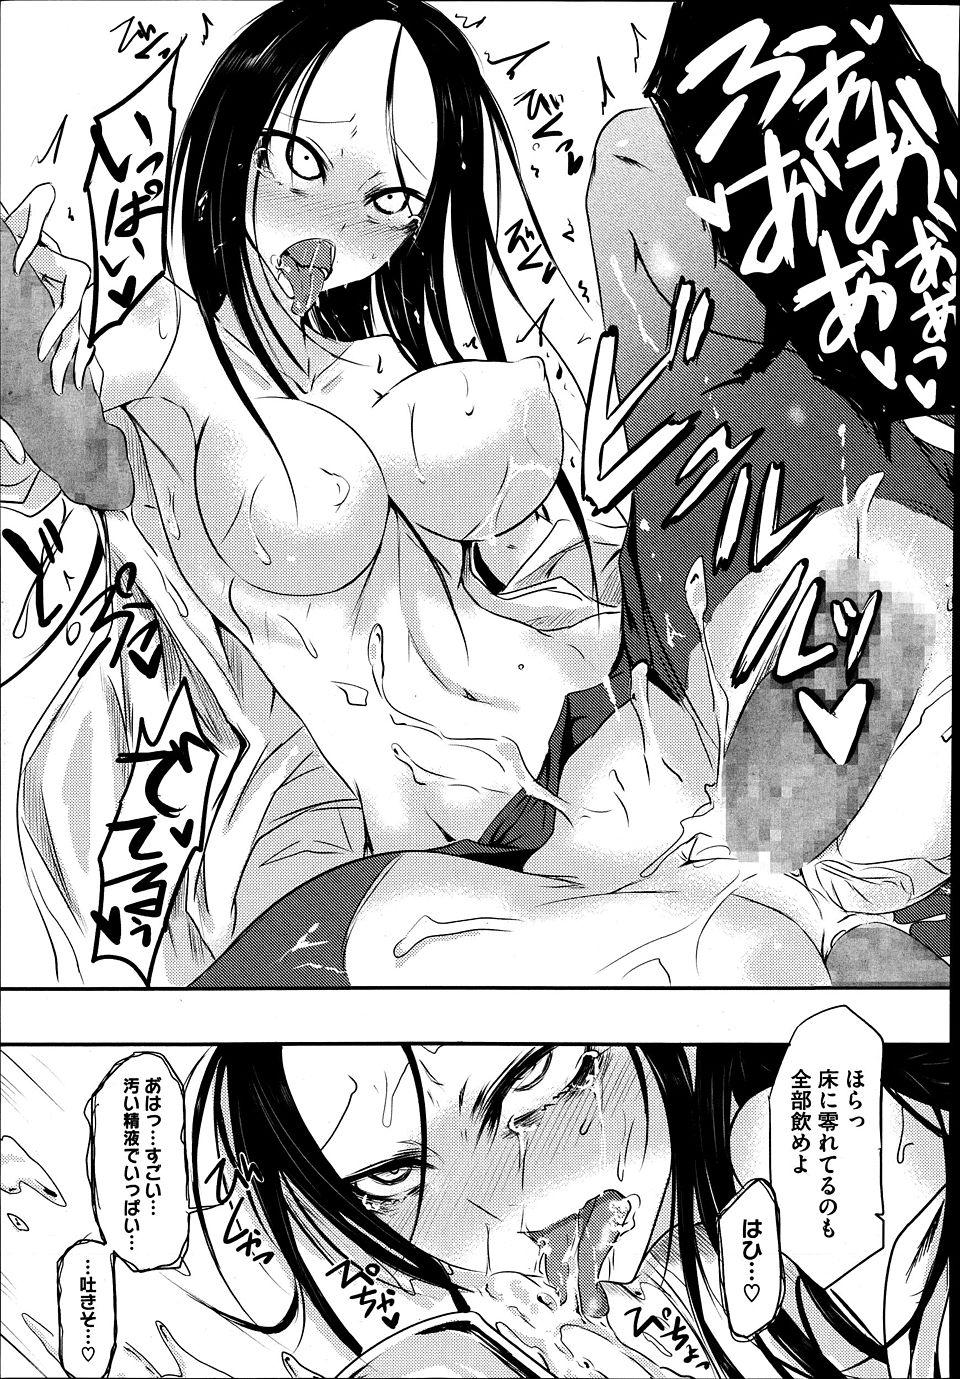 【エロ漫画・エロ同人】巨乳の科学部員に拘束されて痴女られてるンゴwww (21)